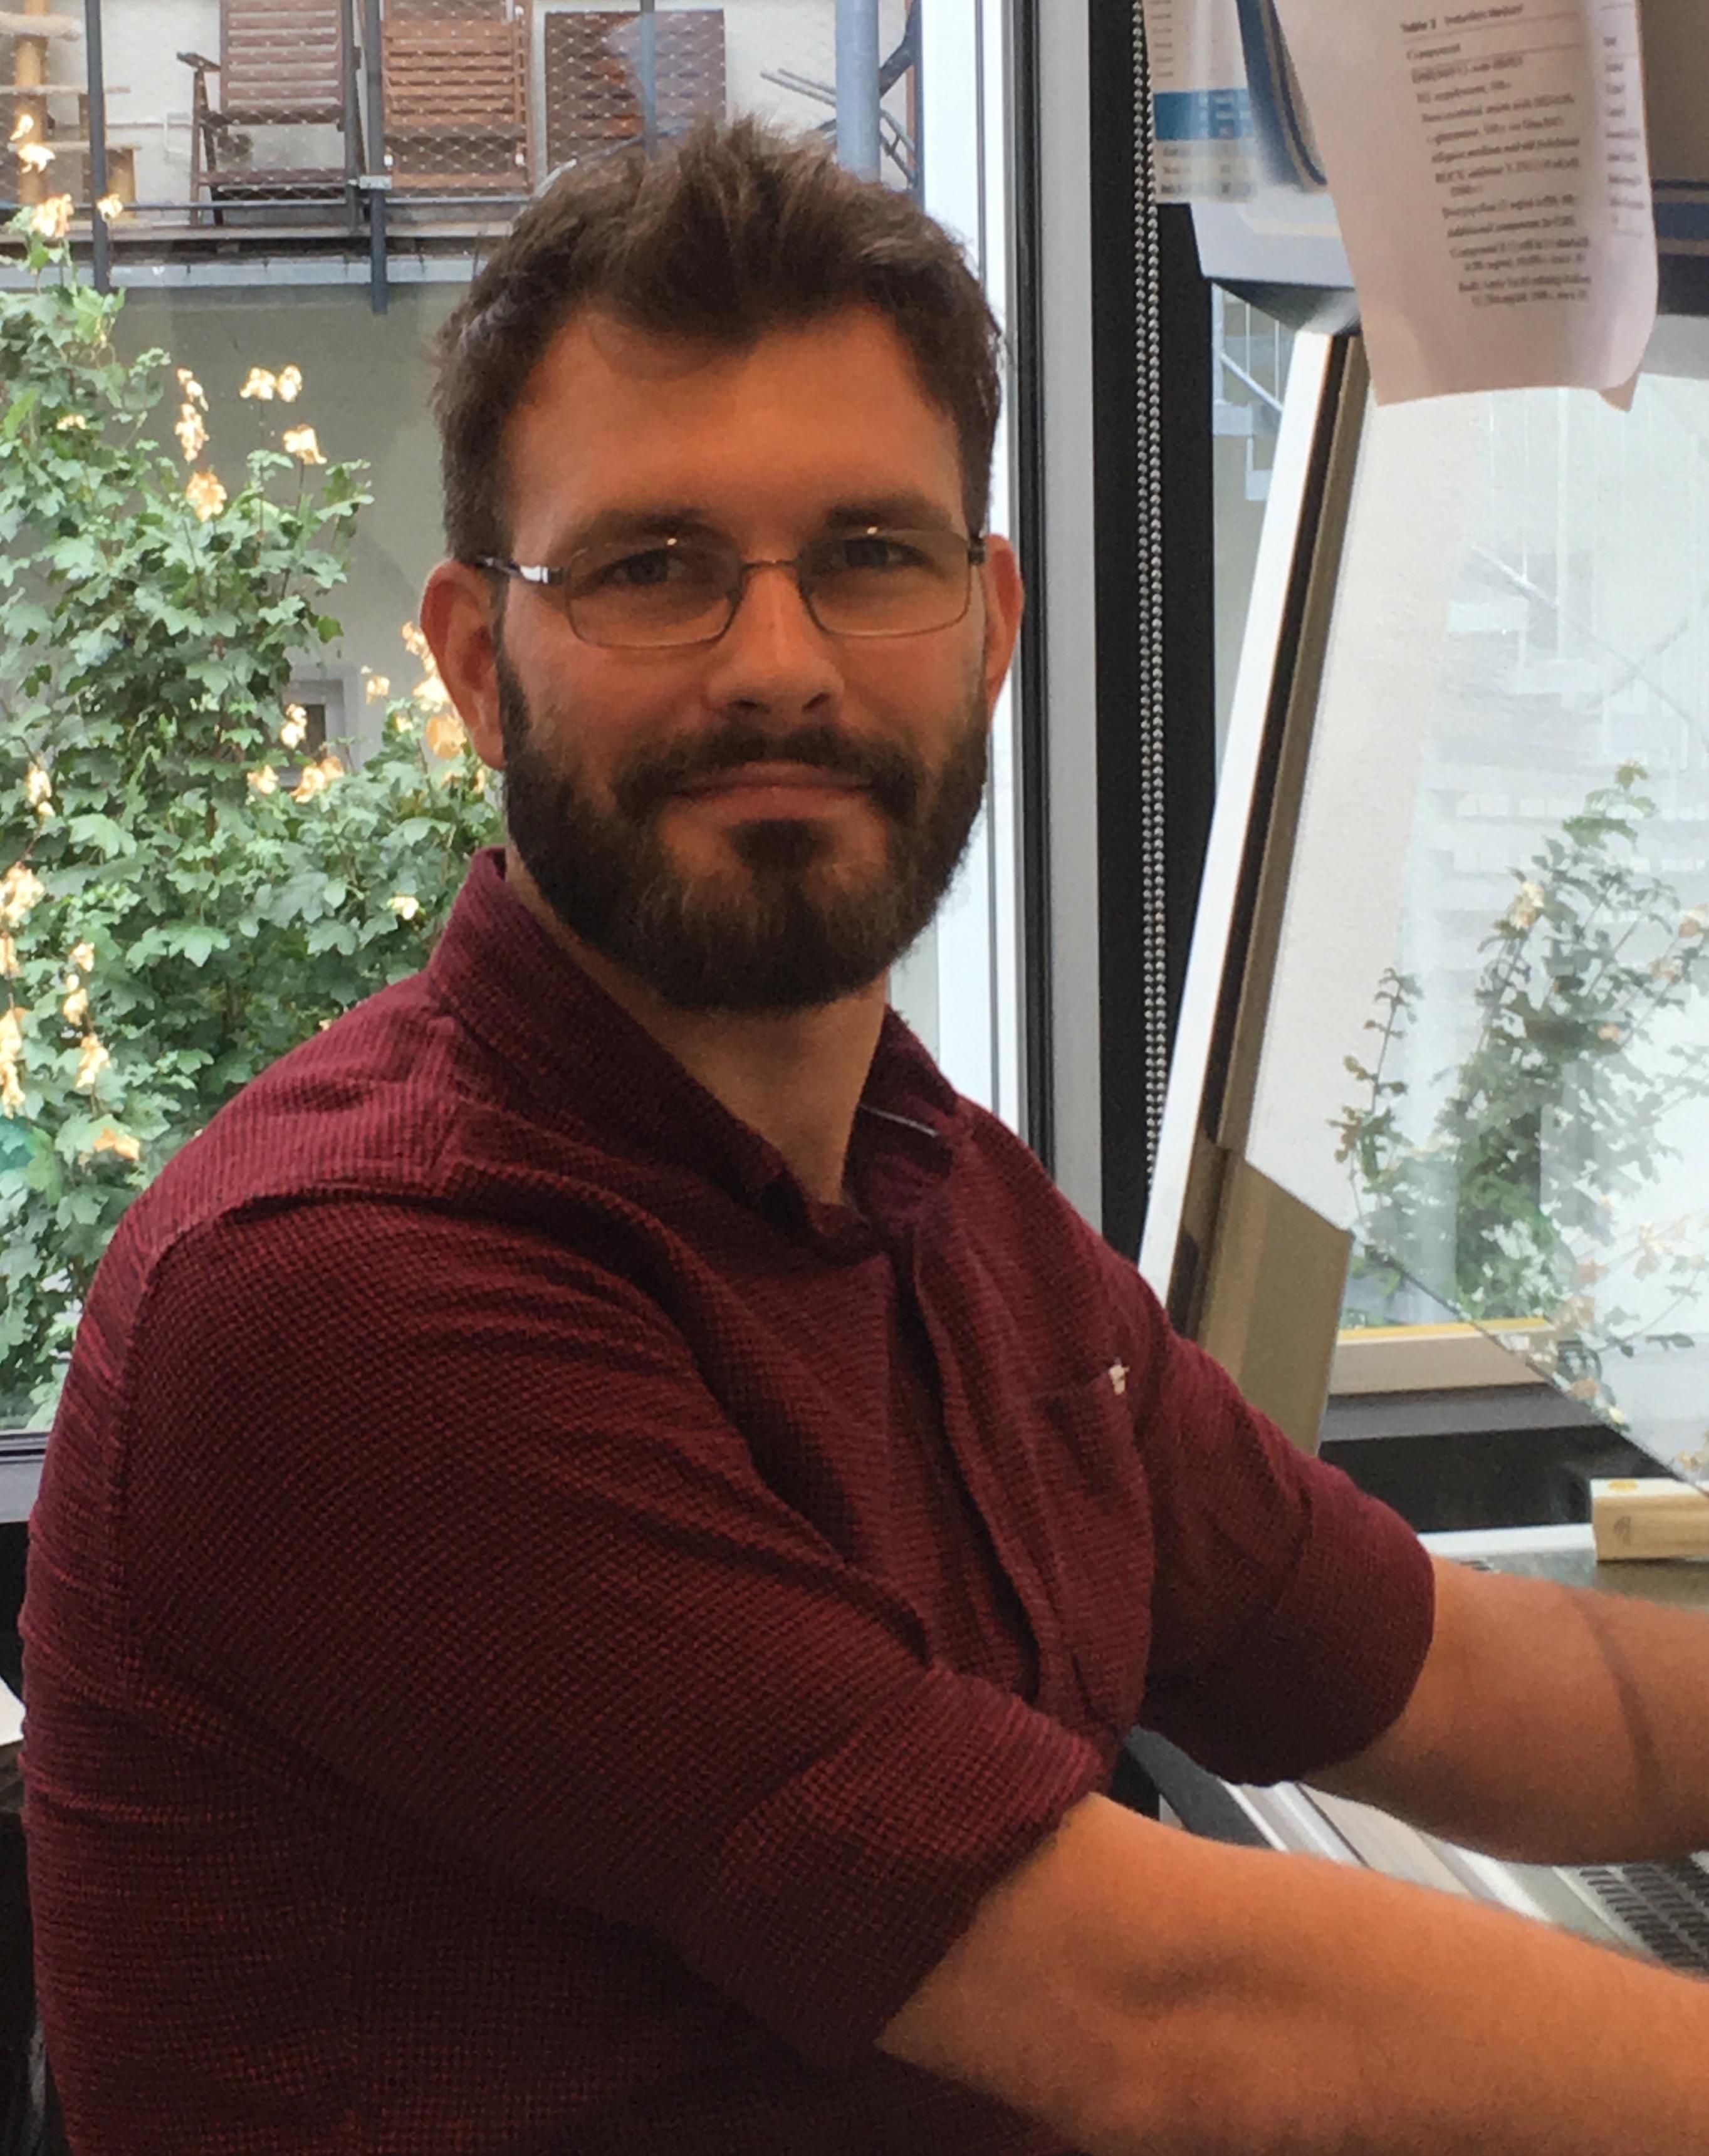 Erik Becher